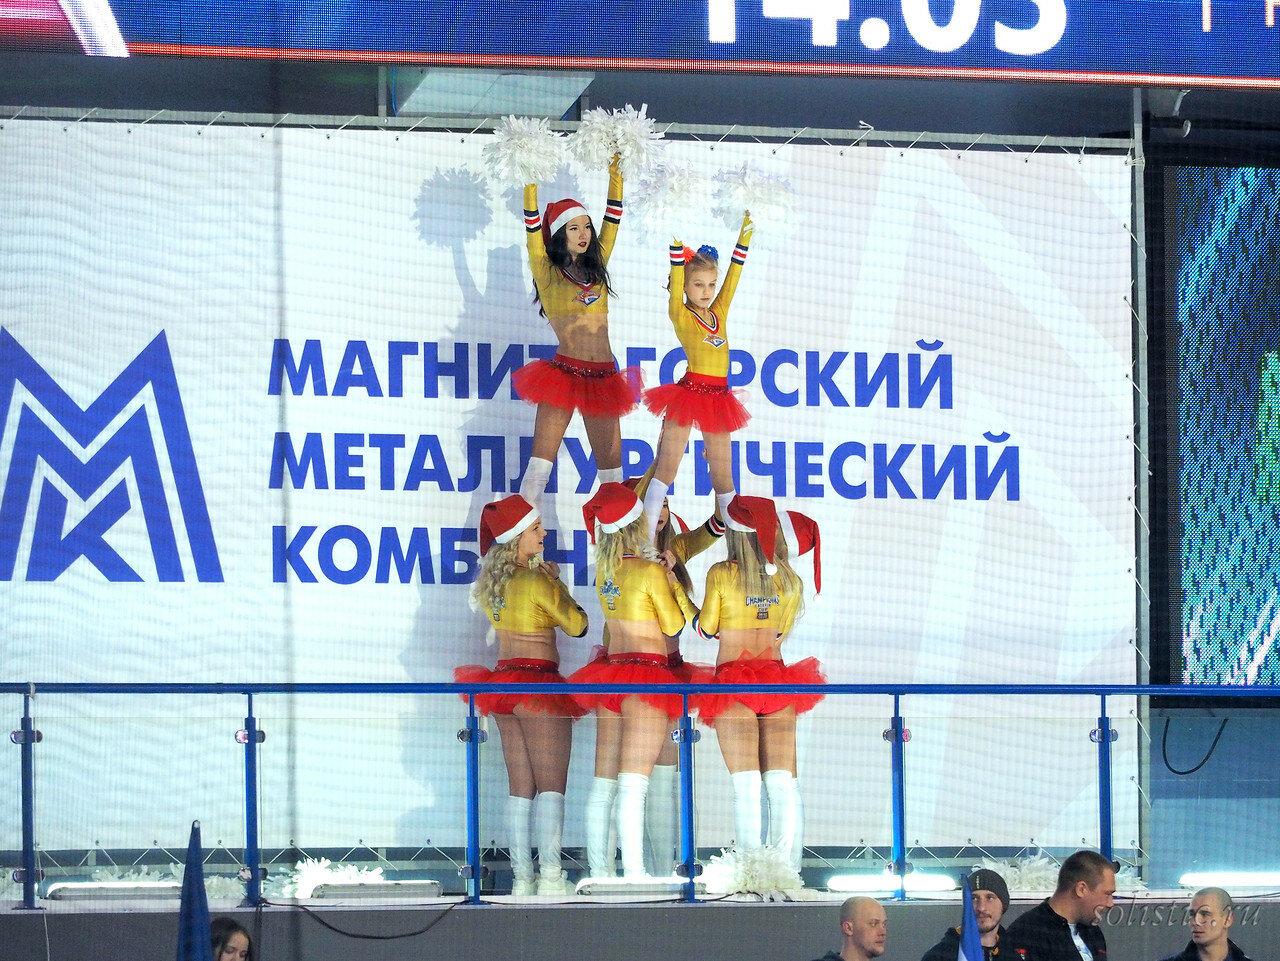 68 Металлург - Динамо 27.12.2017